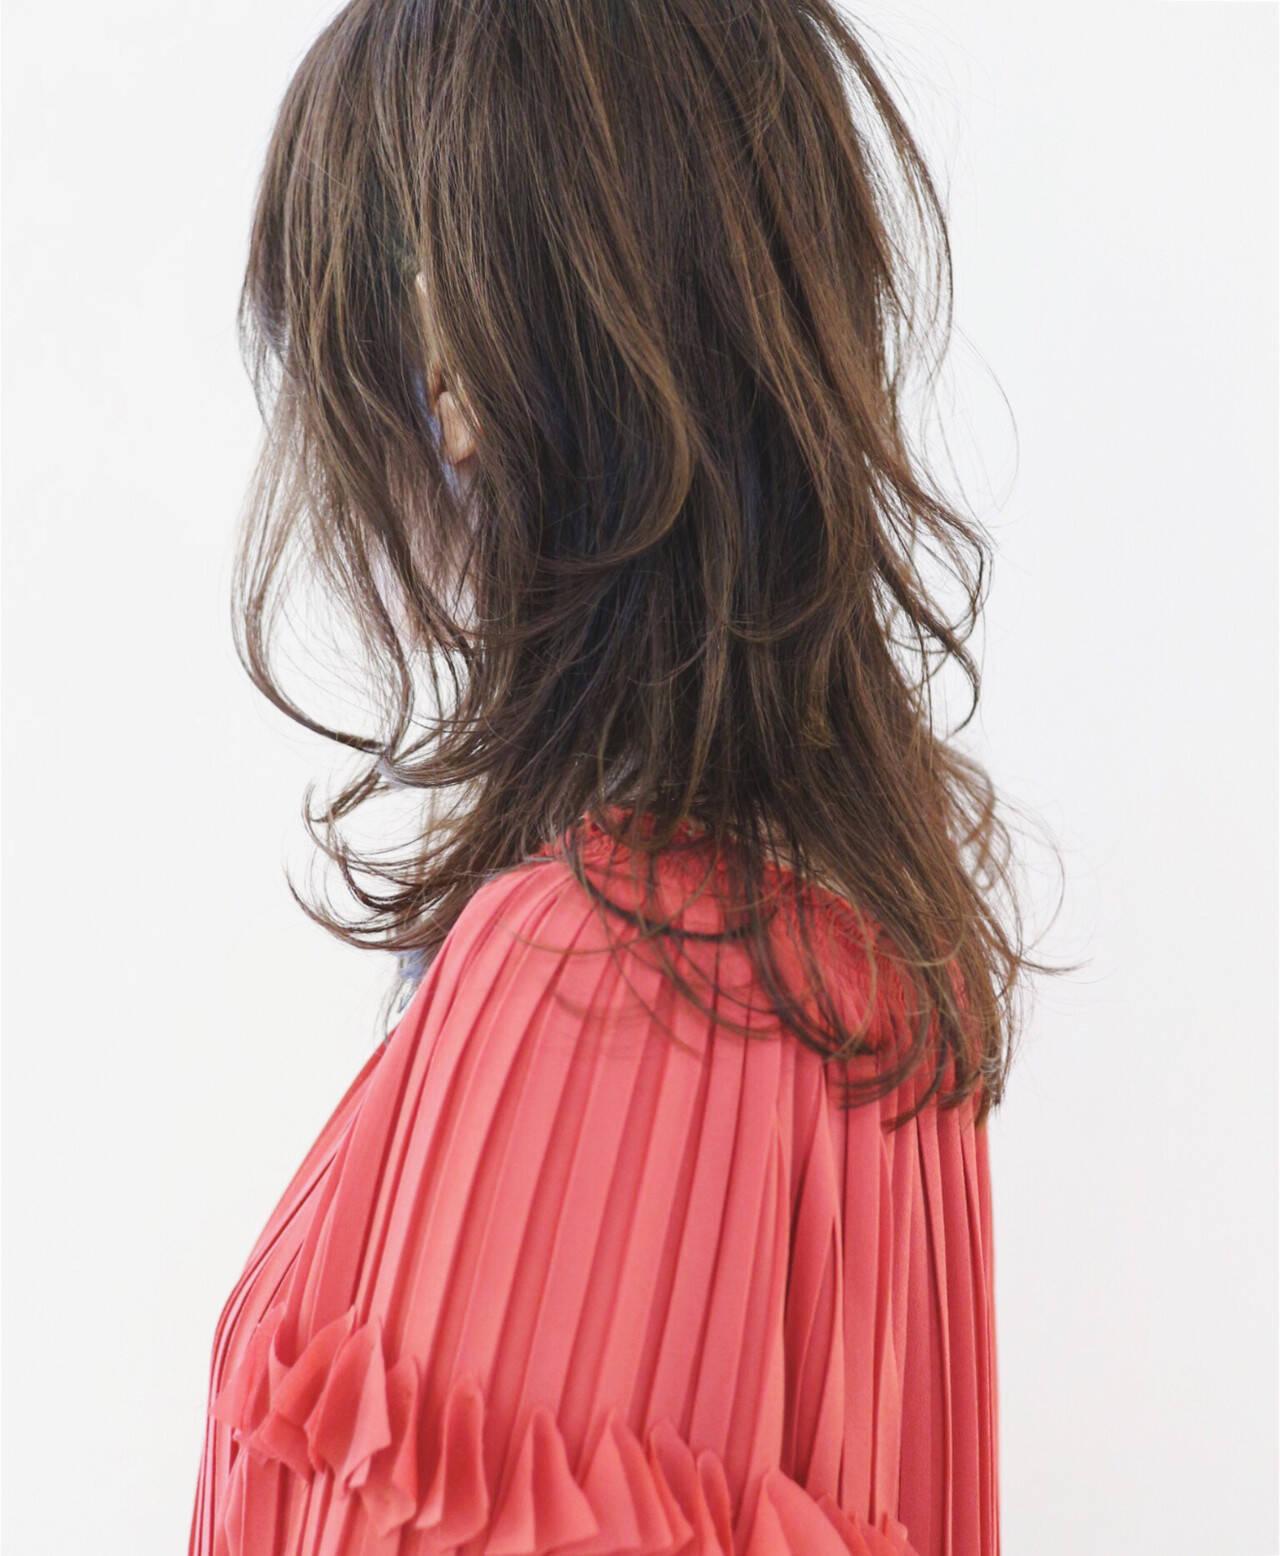 グラデーションカラー ニュアンスウルフ ウルフカット ナチュラルウルフヘアスタイルや髪型の写真・画像